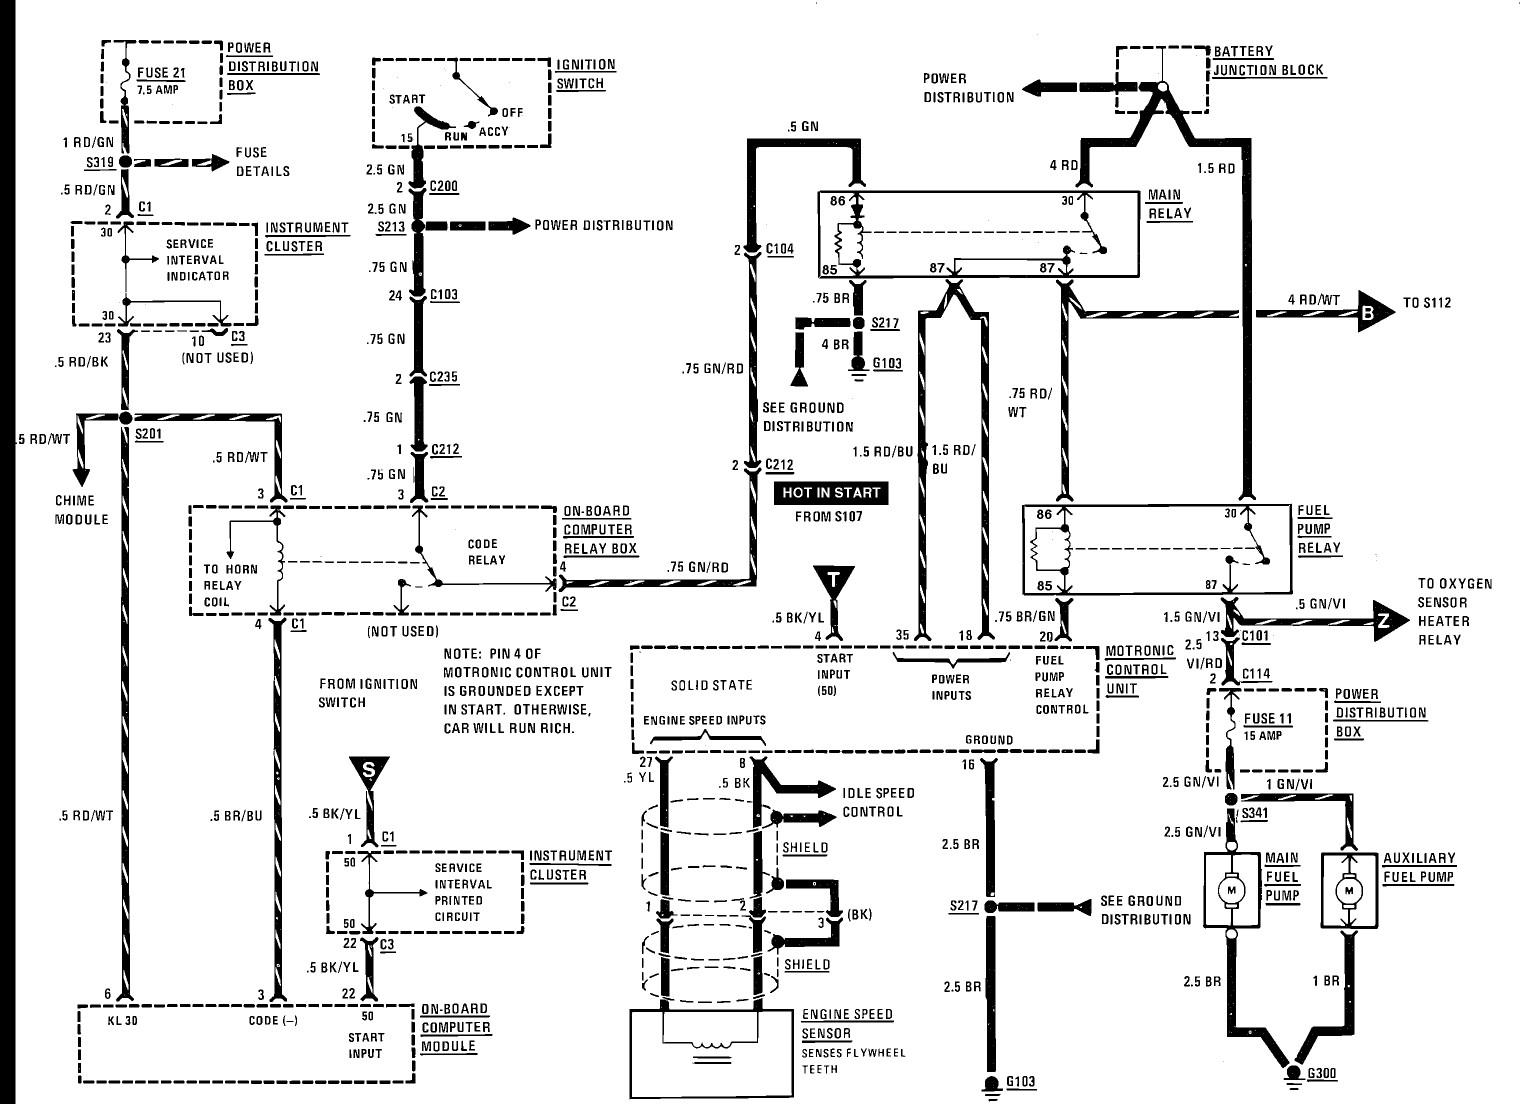 Wondrous Bmw 325 Wiring Diagram Wiring Diagram Wiring Cloud Xortanetembamohammedshrineorg